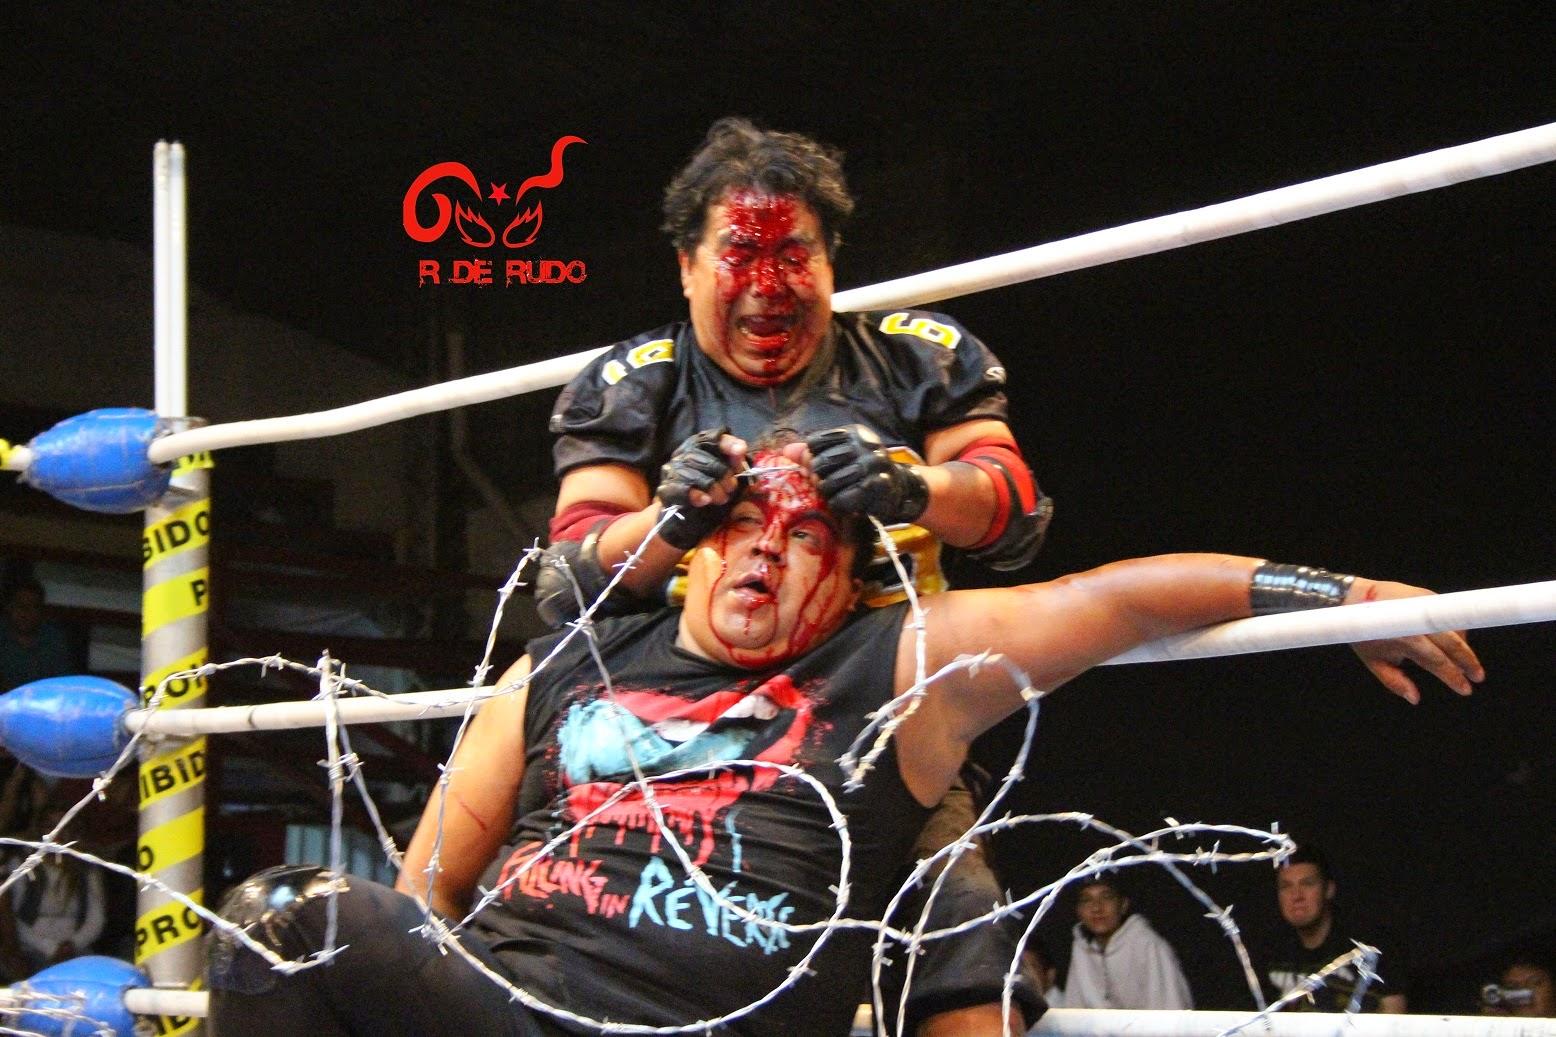 Luchadores Los Porros Los Porros Perico y